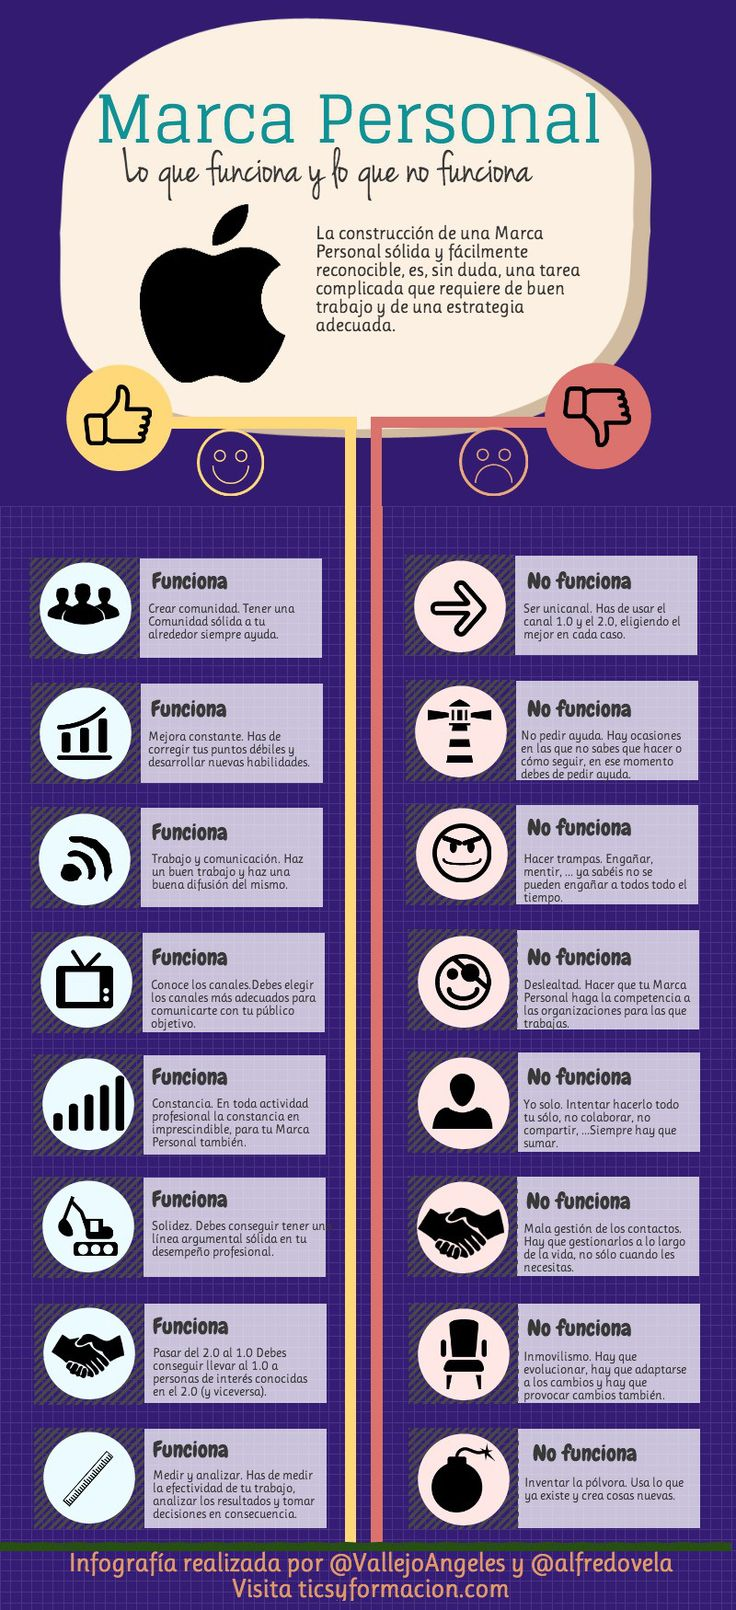 Marca Personal: lo que funciona y lo que no #infografia #infographic #marketing